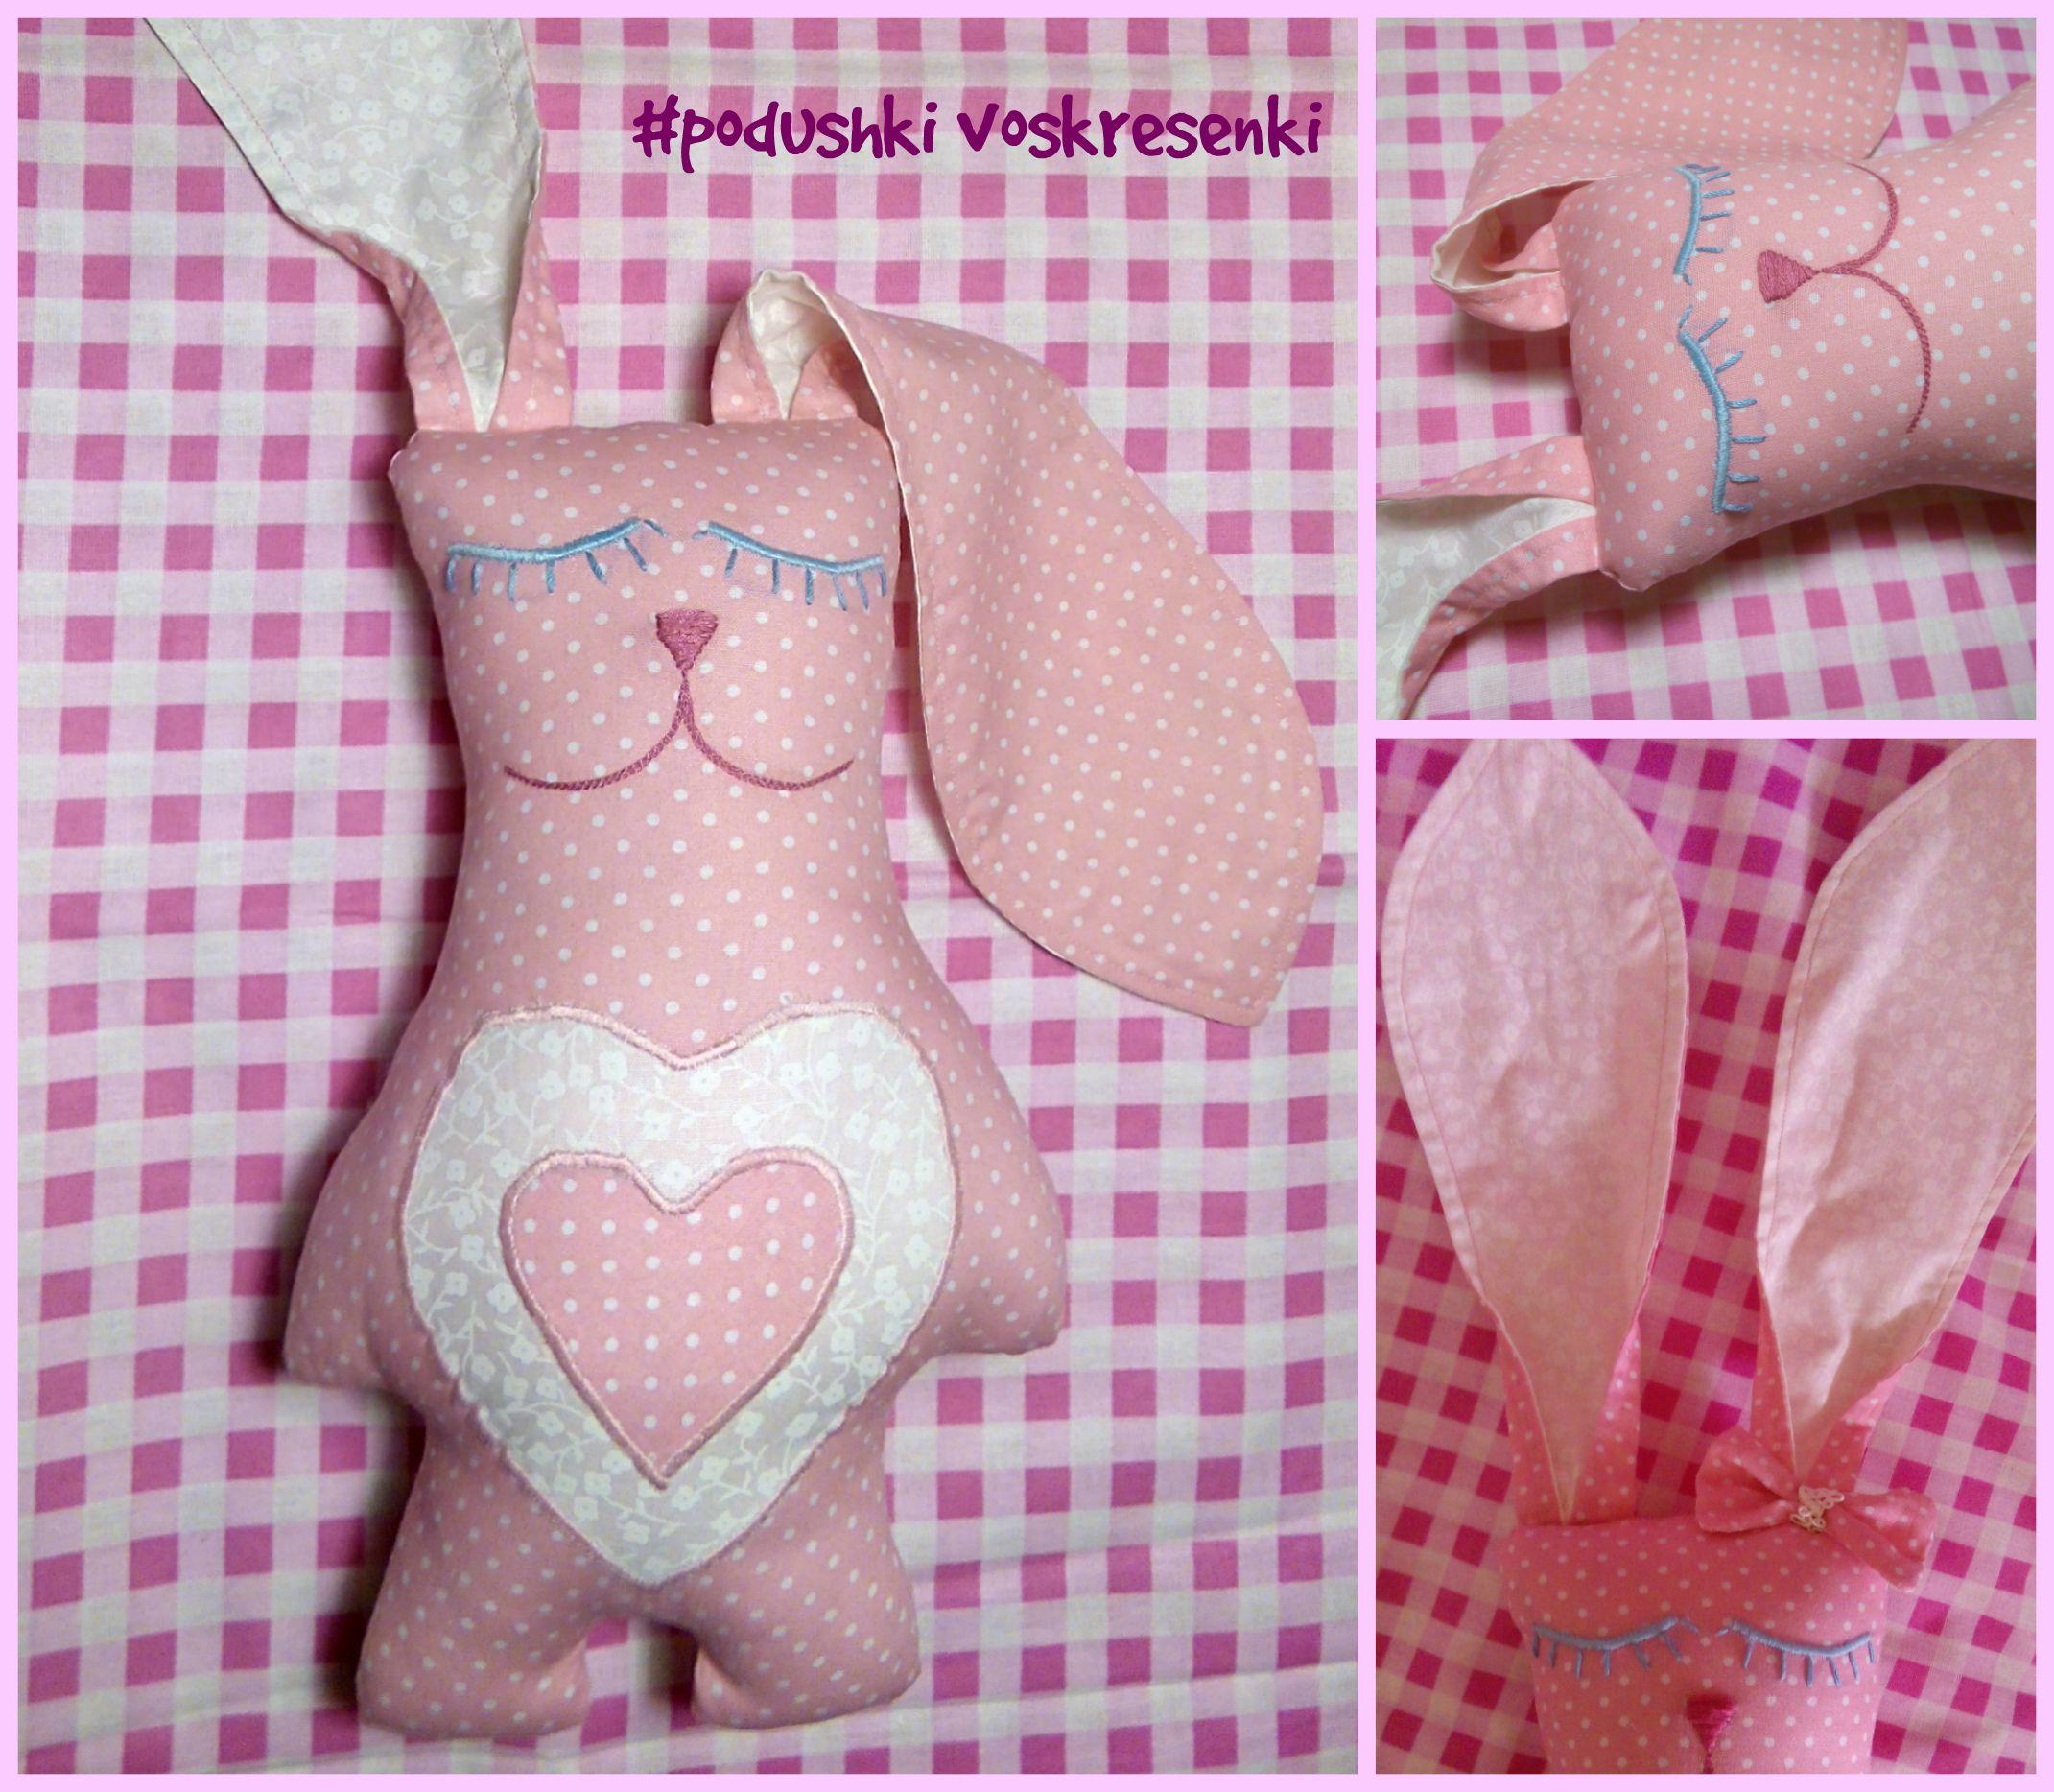 14 февраля сплюшка рождение др игрушка хлопок авторская рождения день подарок